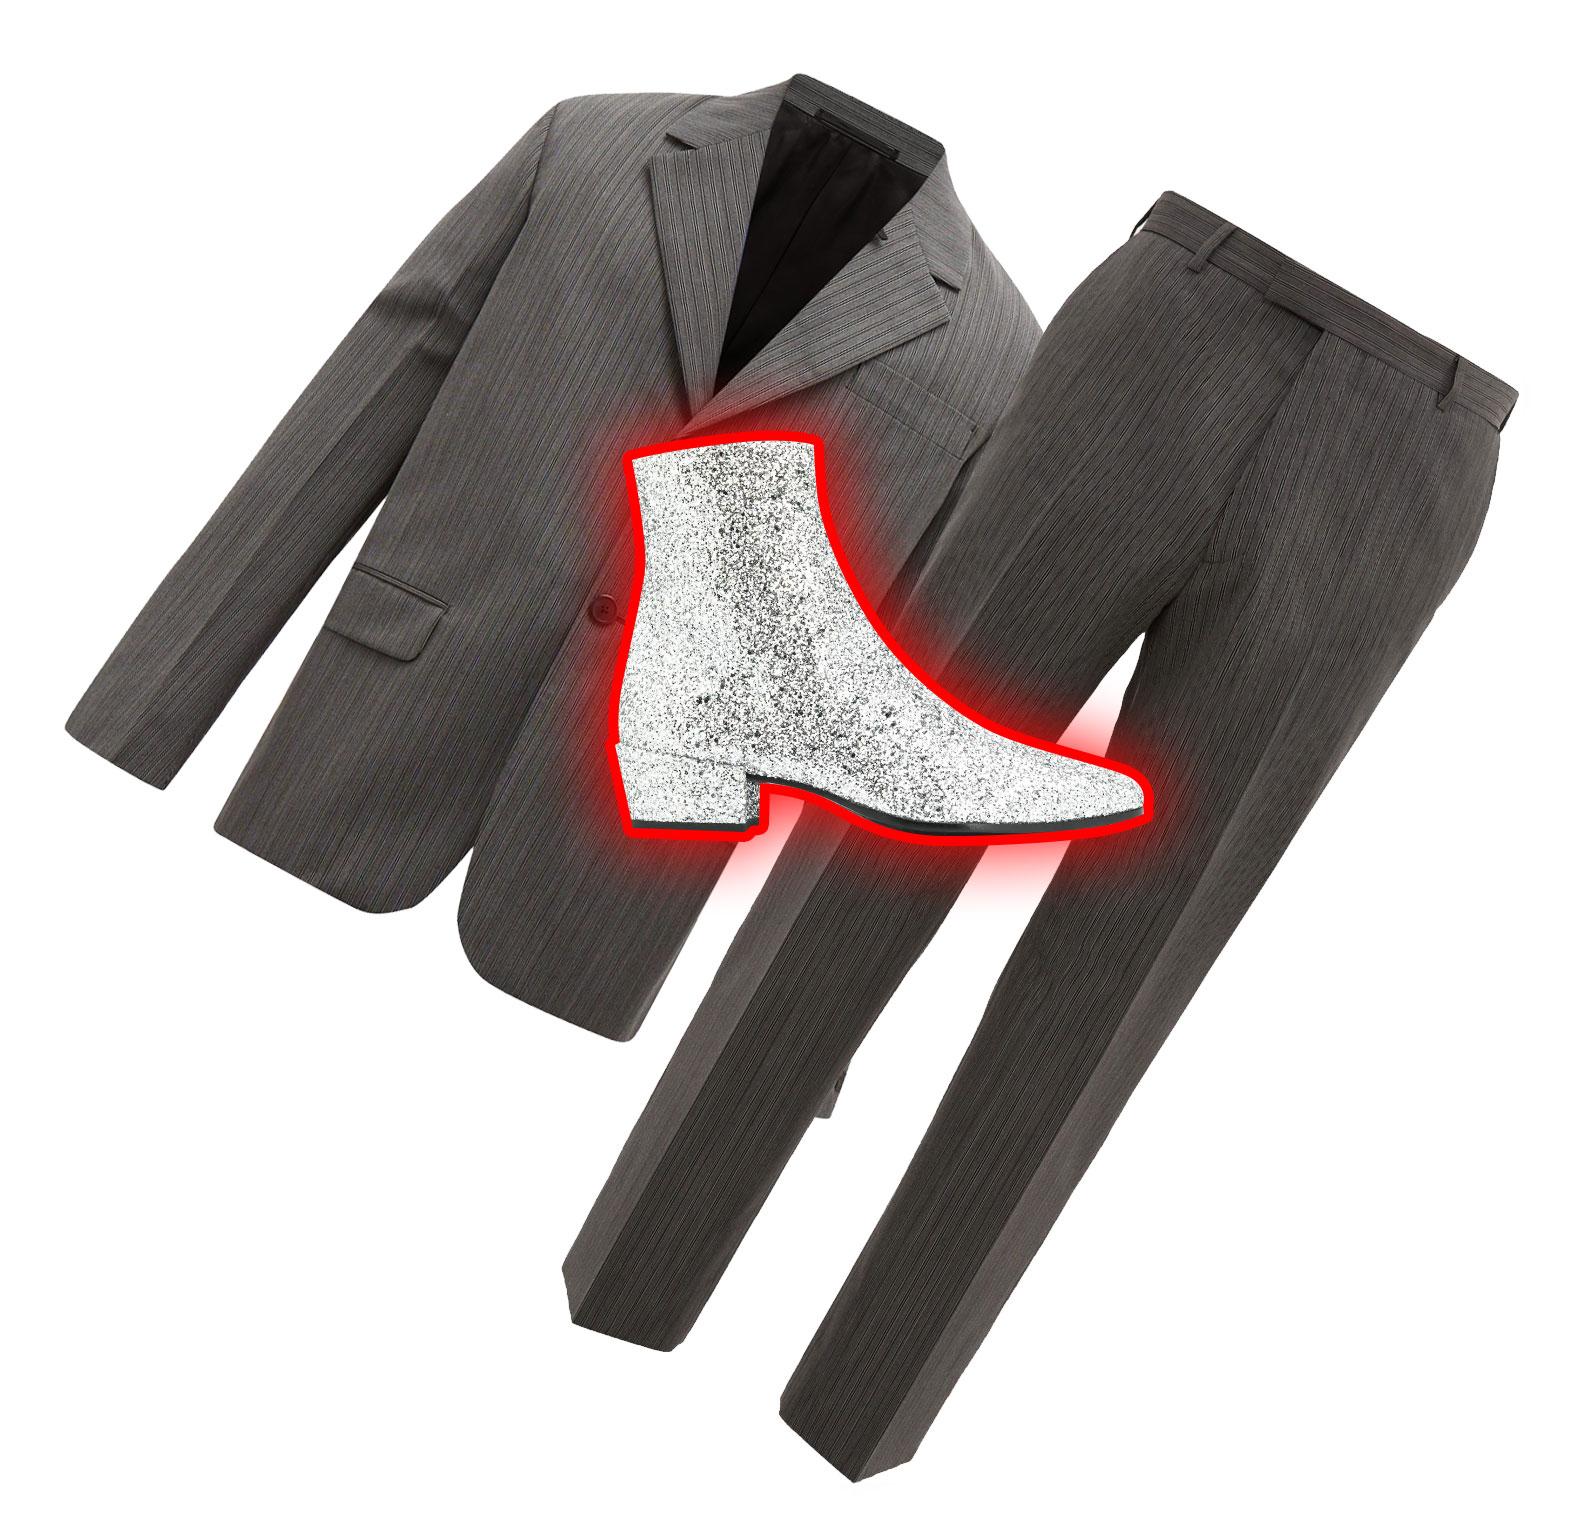 Пиджак Prada, €1620; брюки Prada, €590; обувь Saint Laurent, 59 465 рублей